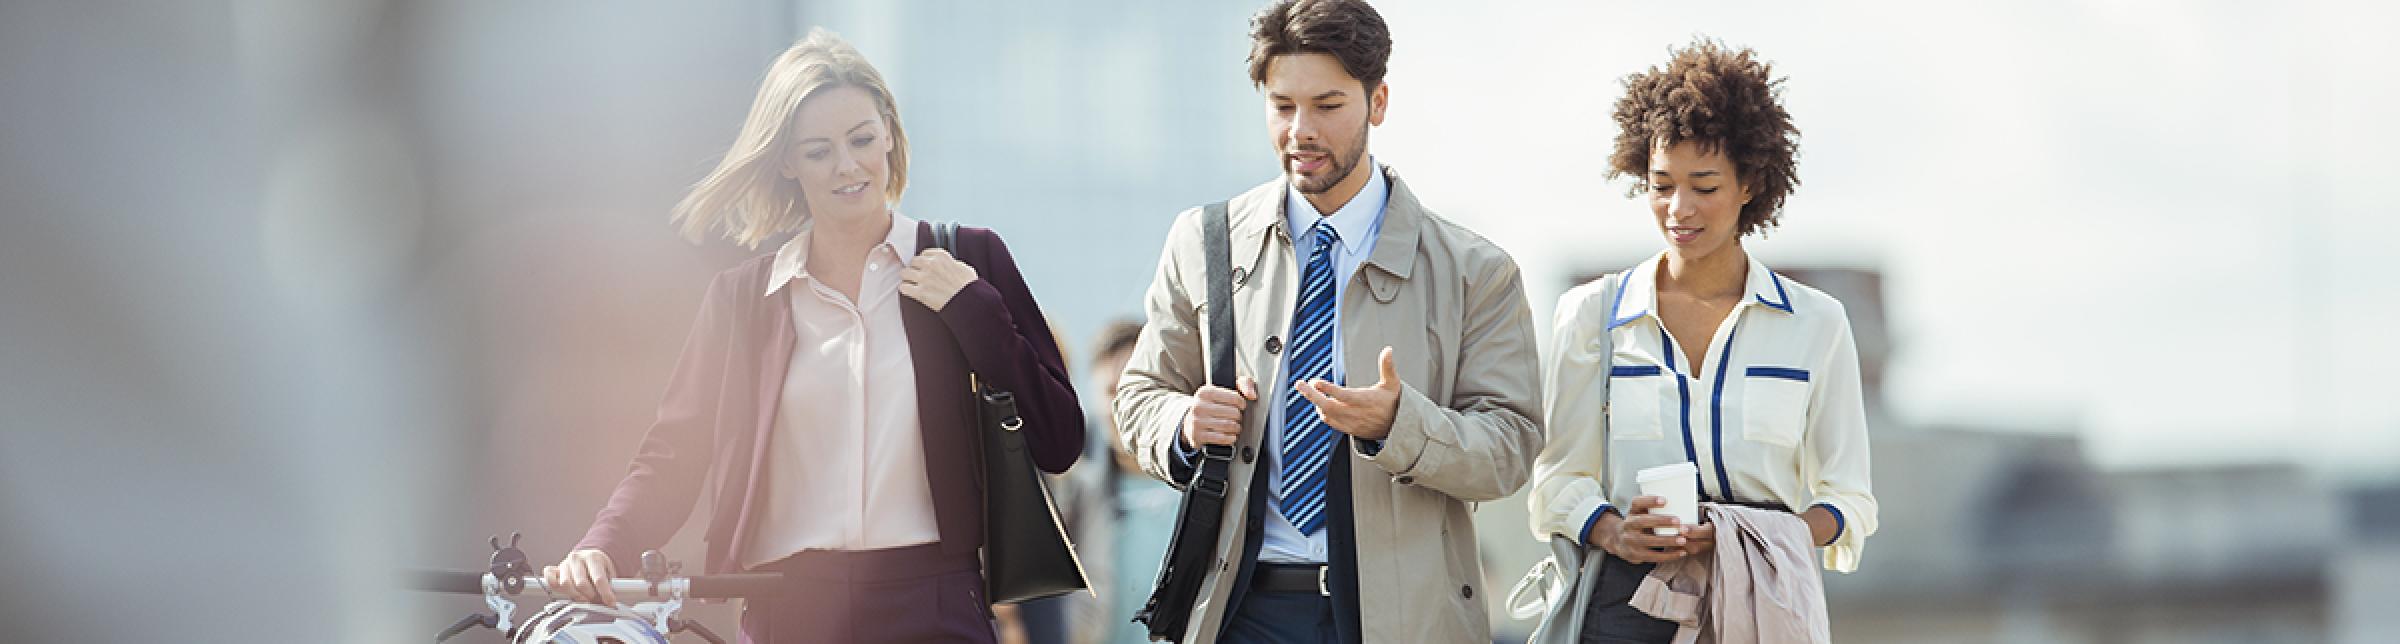 Un uomo e due donne, in abiti da ufficio, passeggiano per strada discorrendo tra loro.